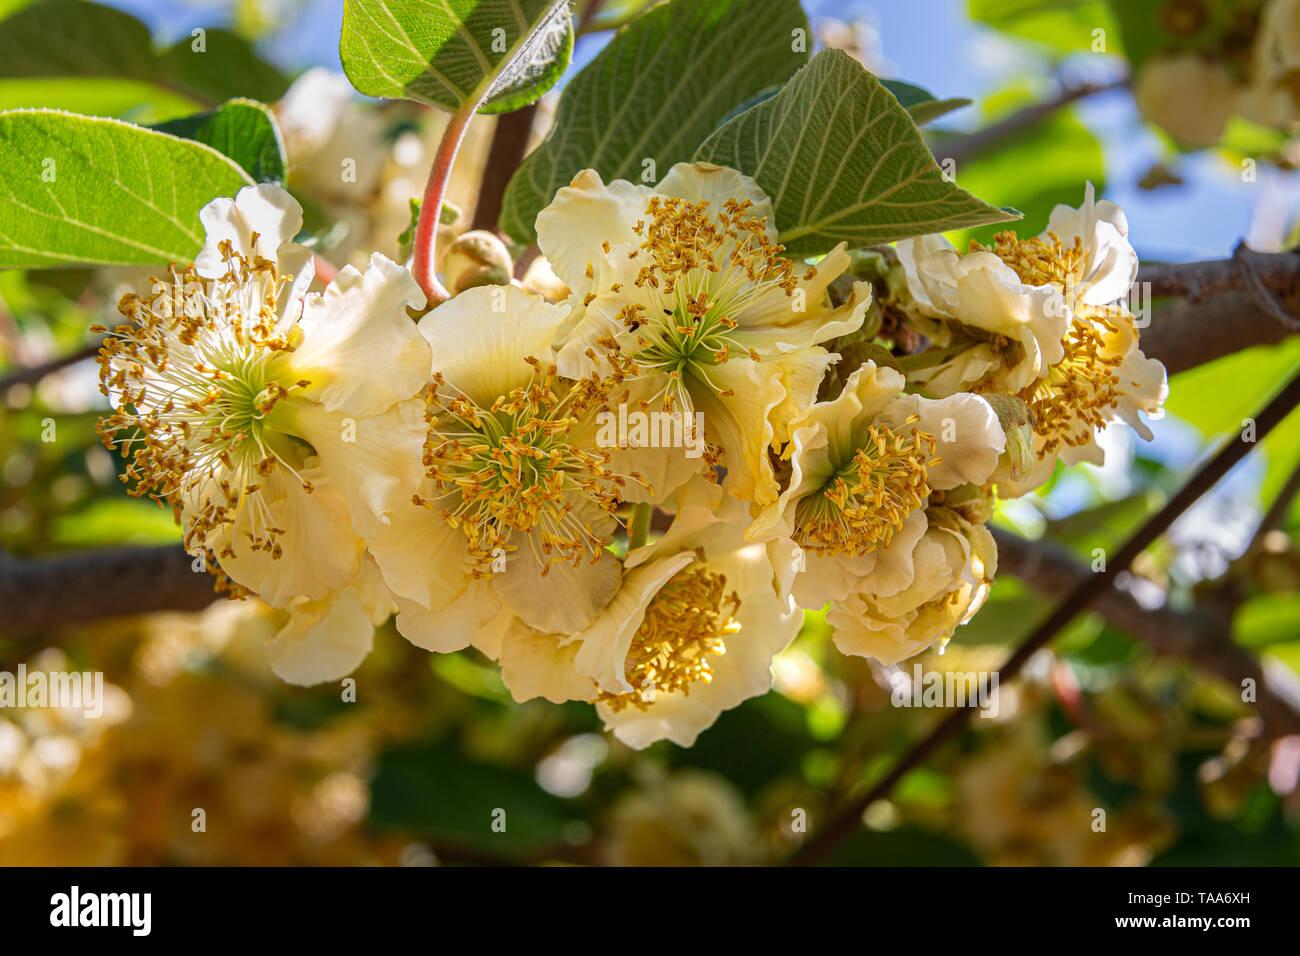 Gelb creme Blumen Kiwis Anlage Stockbild